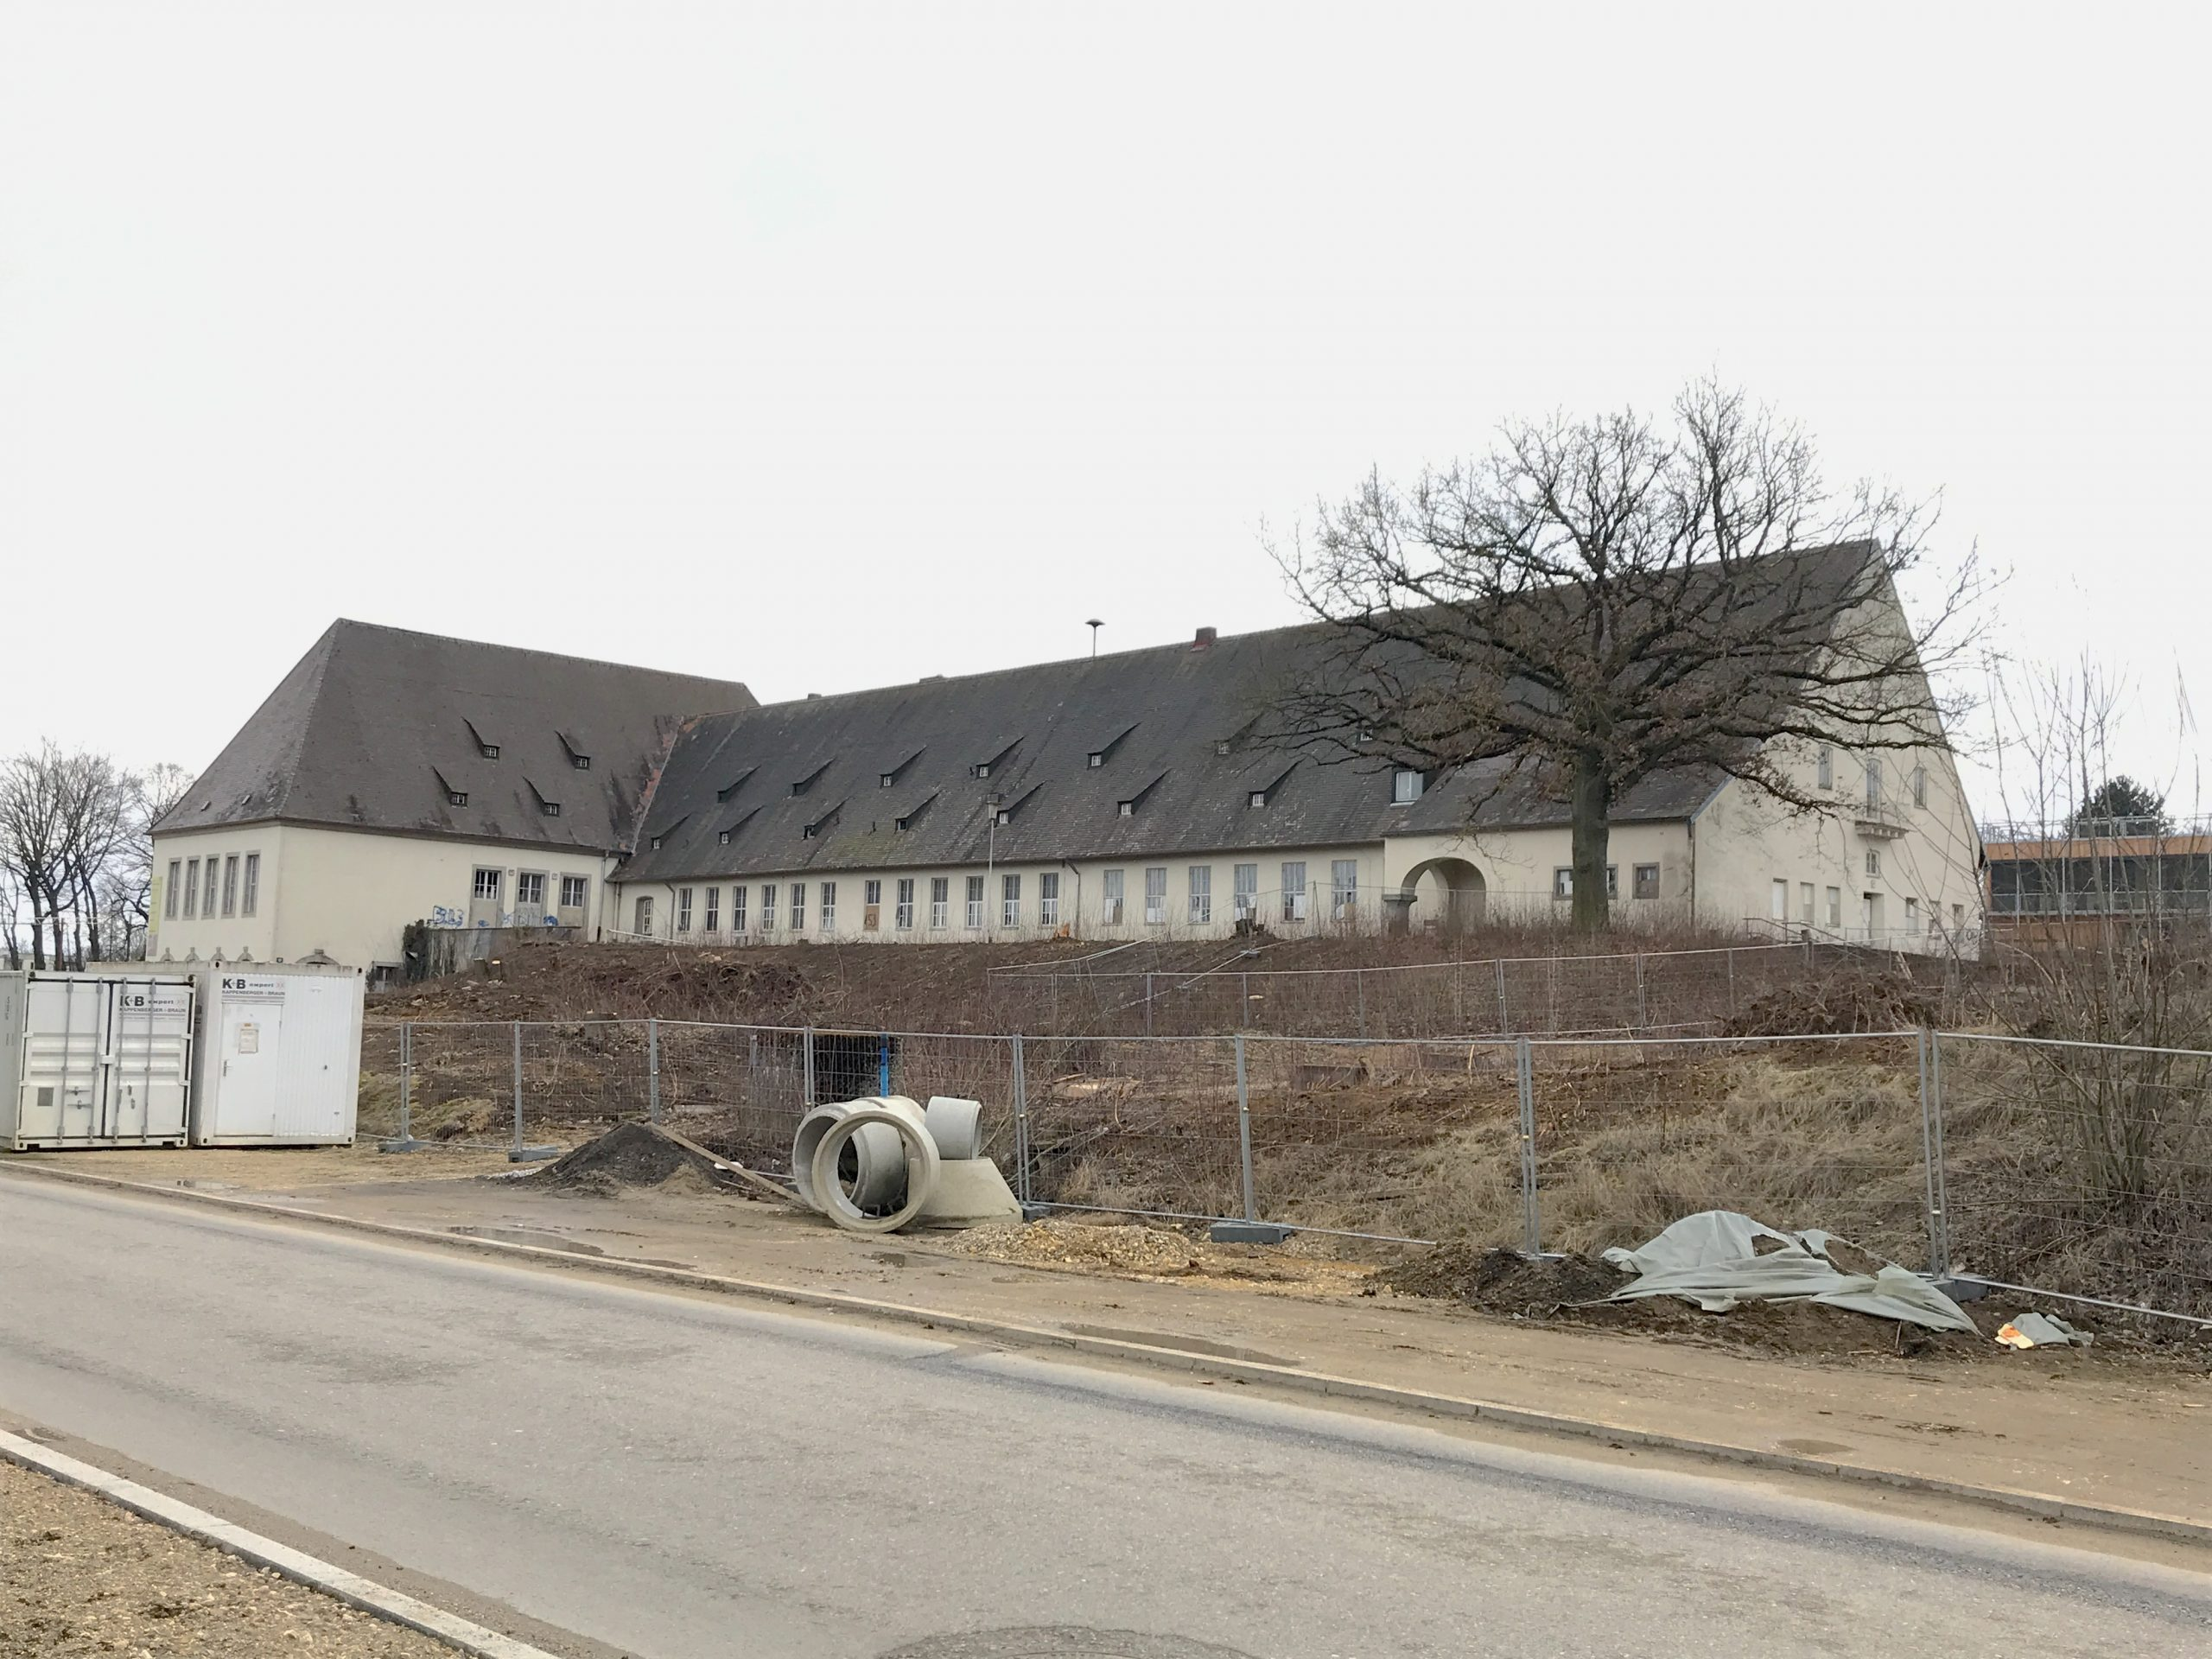 Zuckerbrot Und Peitsche Regensburg 2021